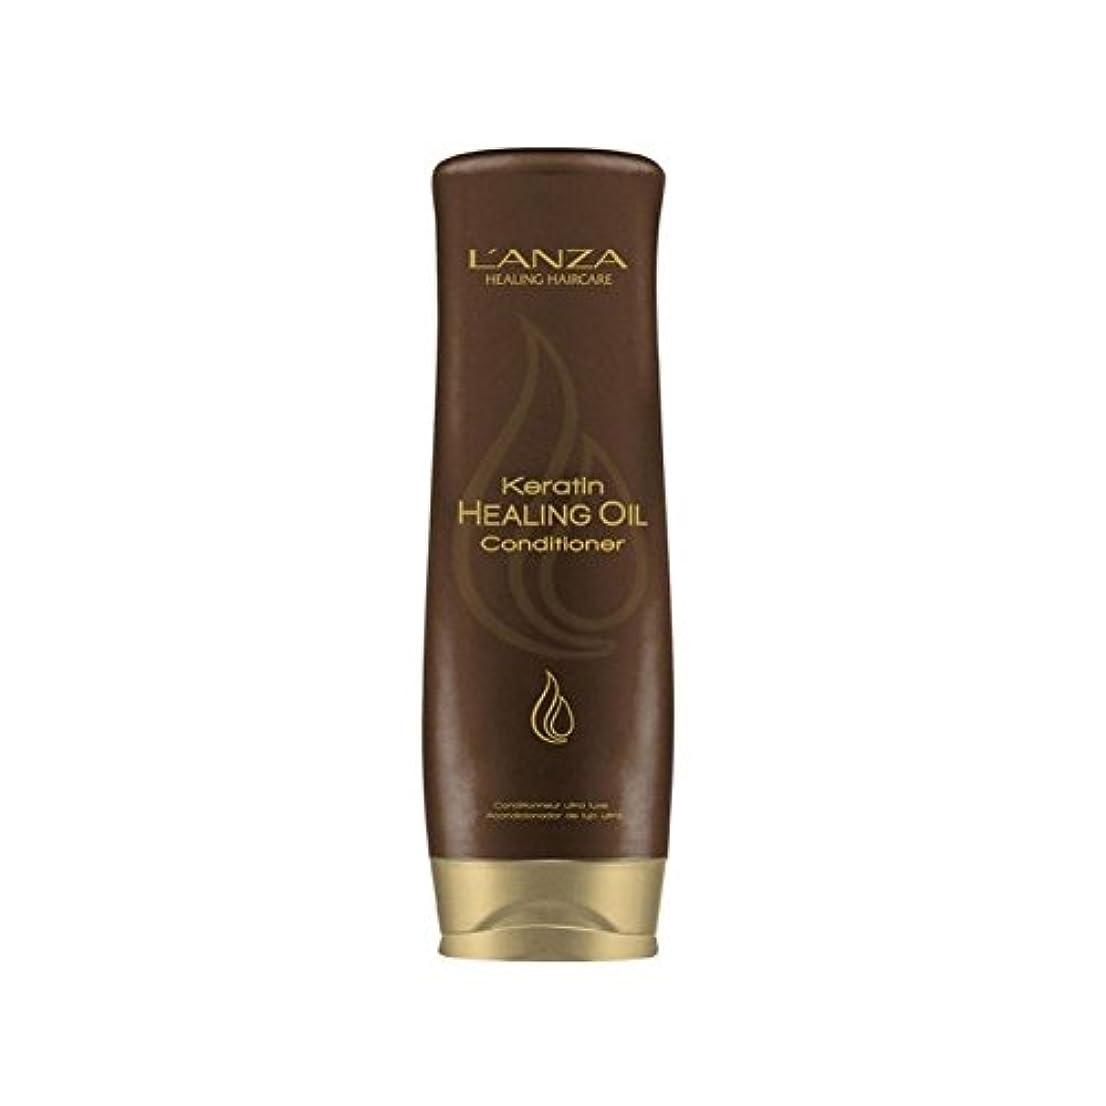 住居コートまたはL'Anza Keratin Healing Oil Conditioner (250ml) - アンザケラチンオイルコンディショナー(250ミリリットル)を癒し [並行輸入品]